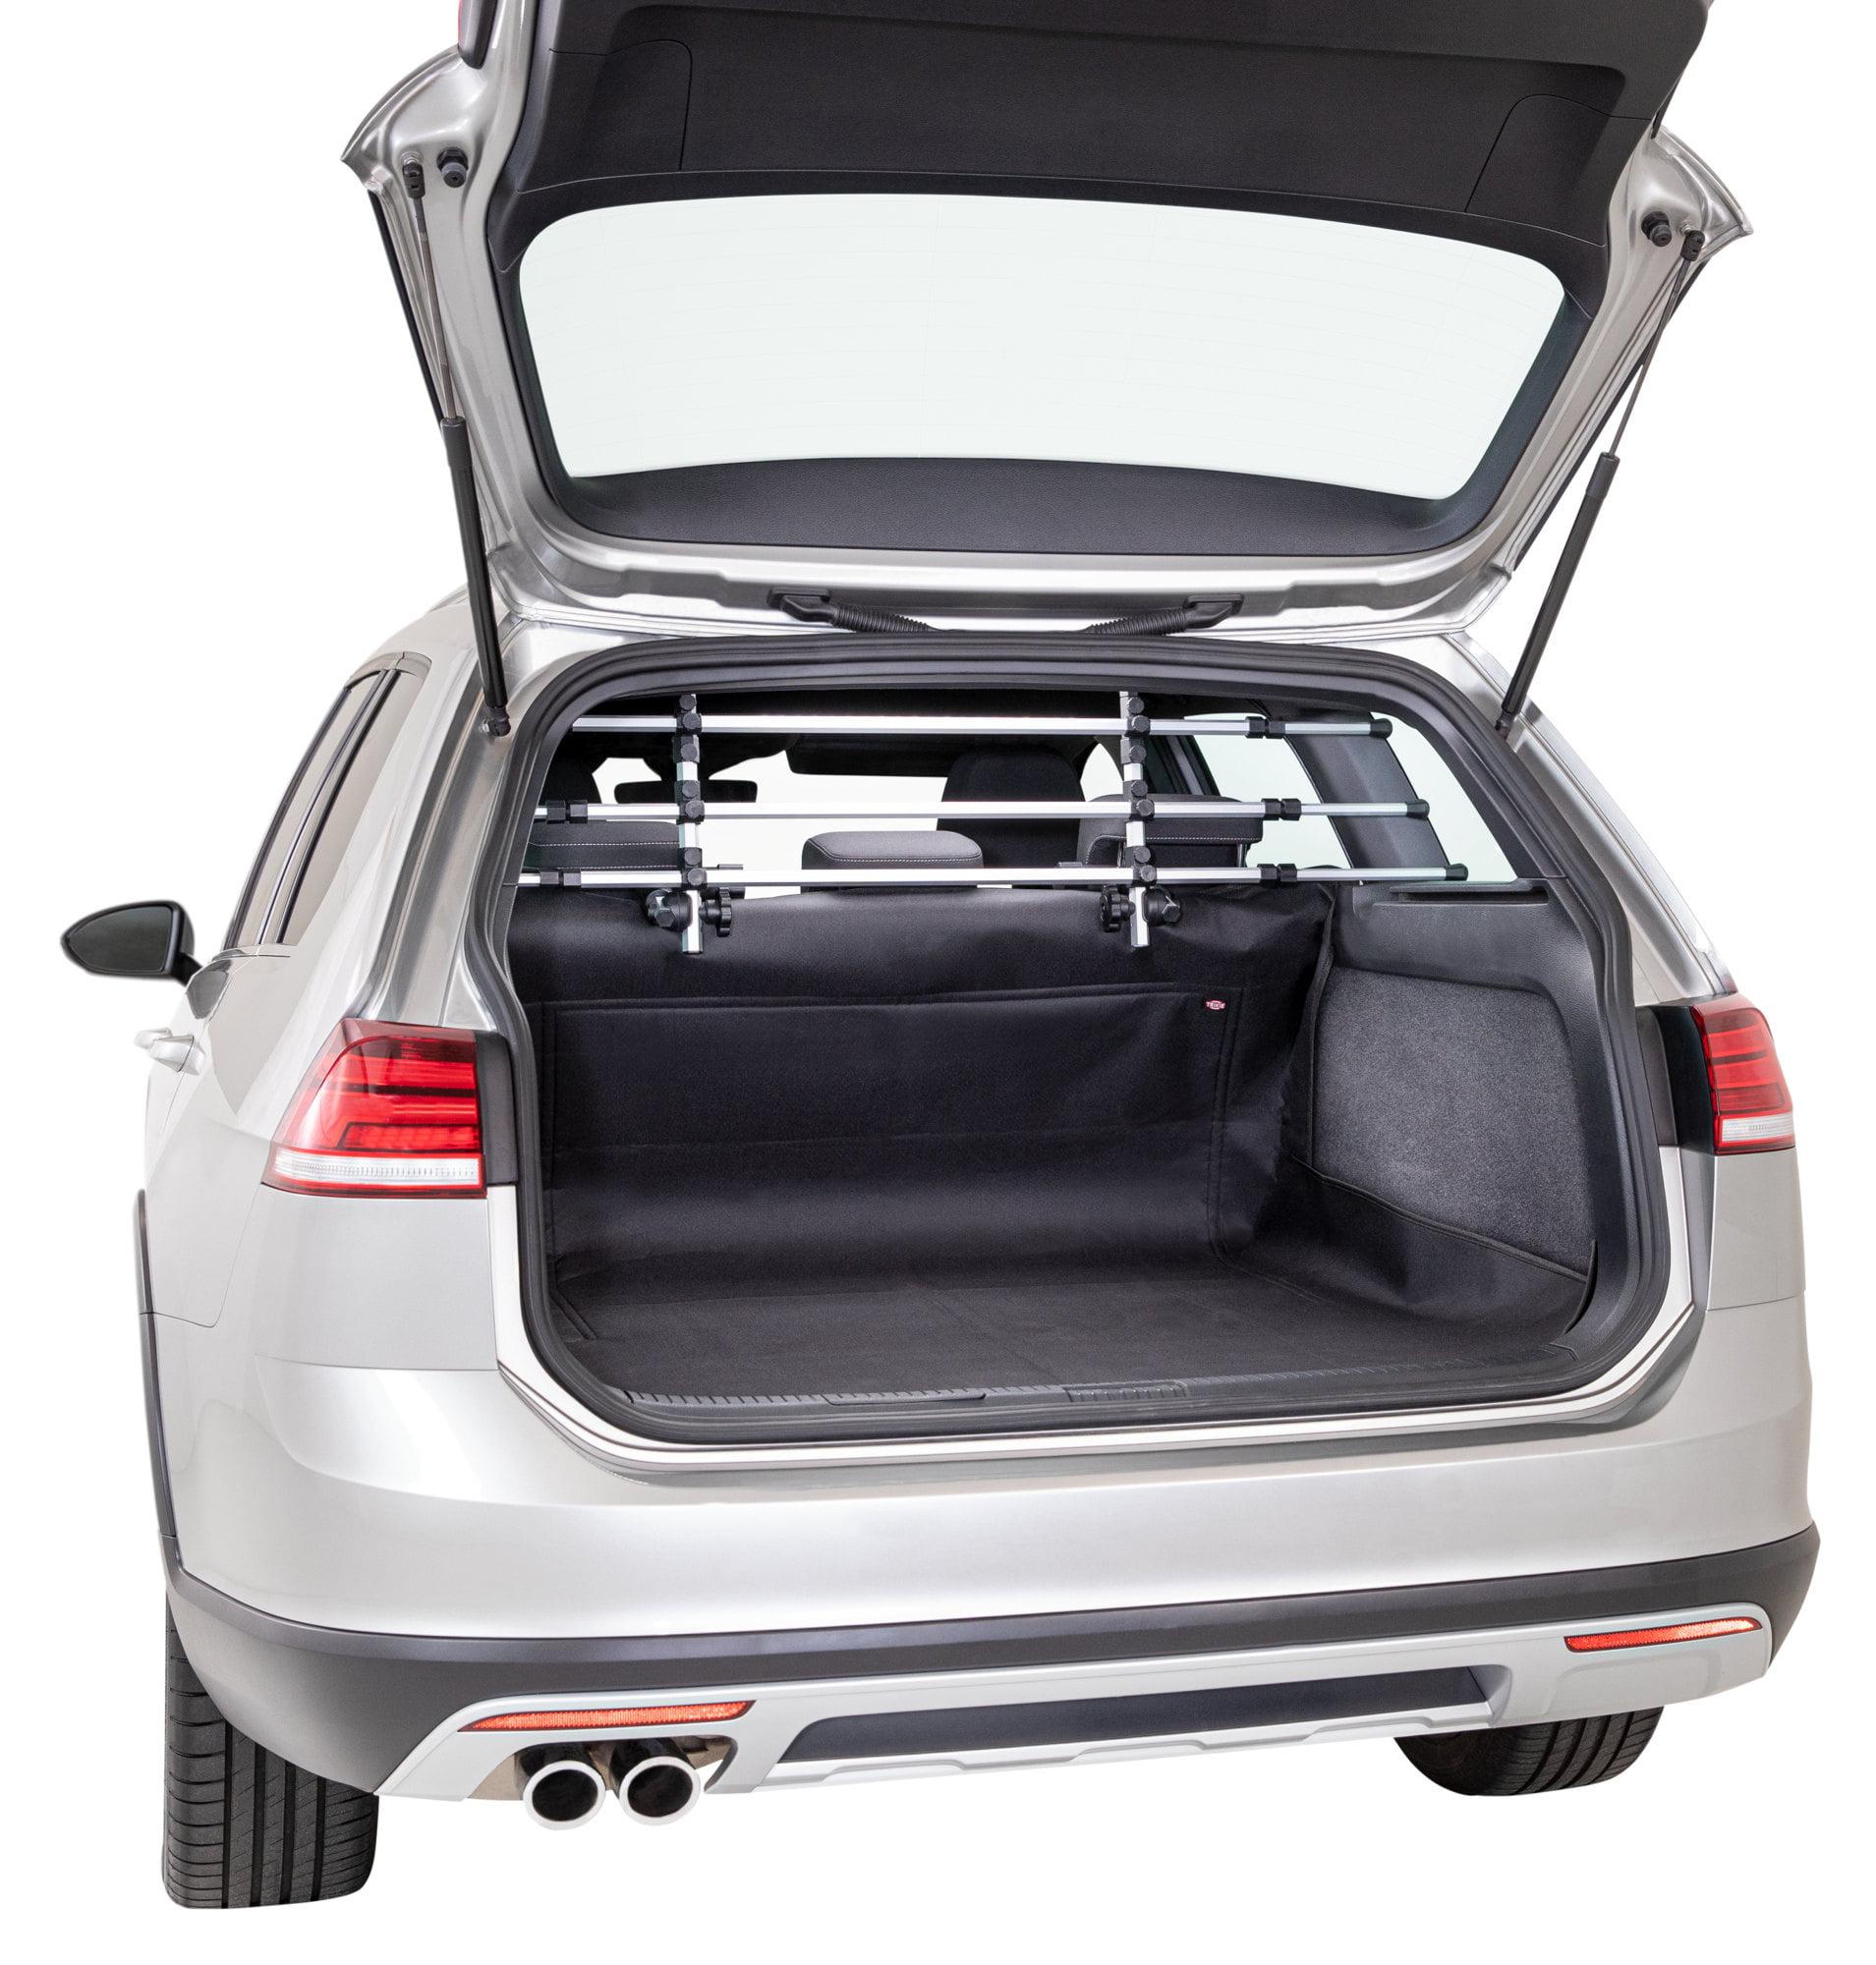 Trixie Auto Kofferbakbescherming 120x150cm zwart